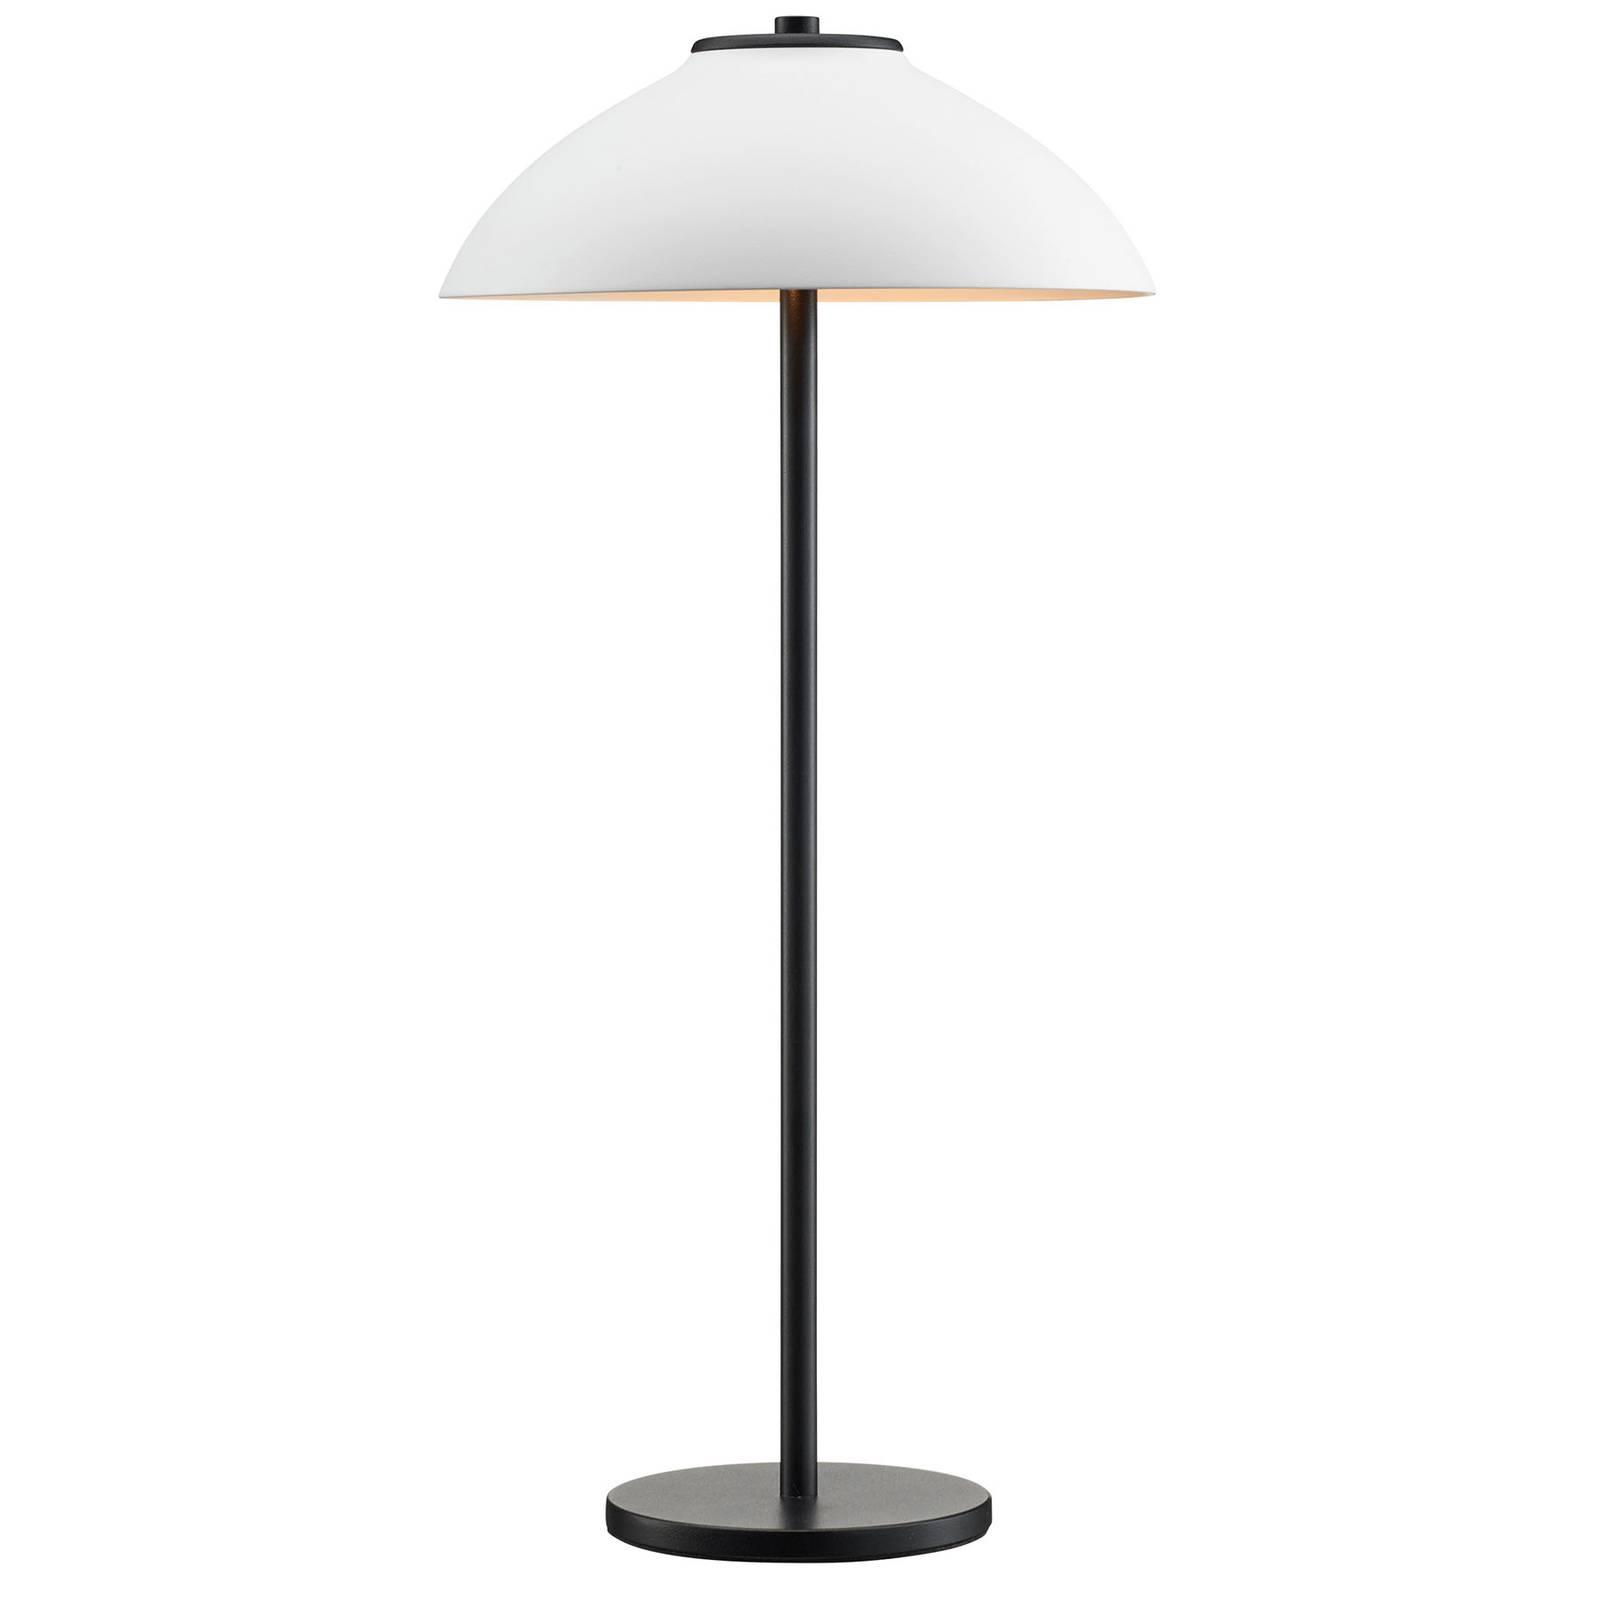 Tischleuchte Vali, Höhe 50 cm, schwarz/weiß